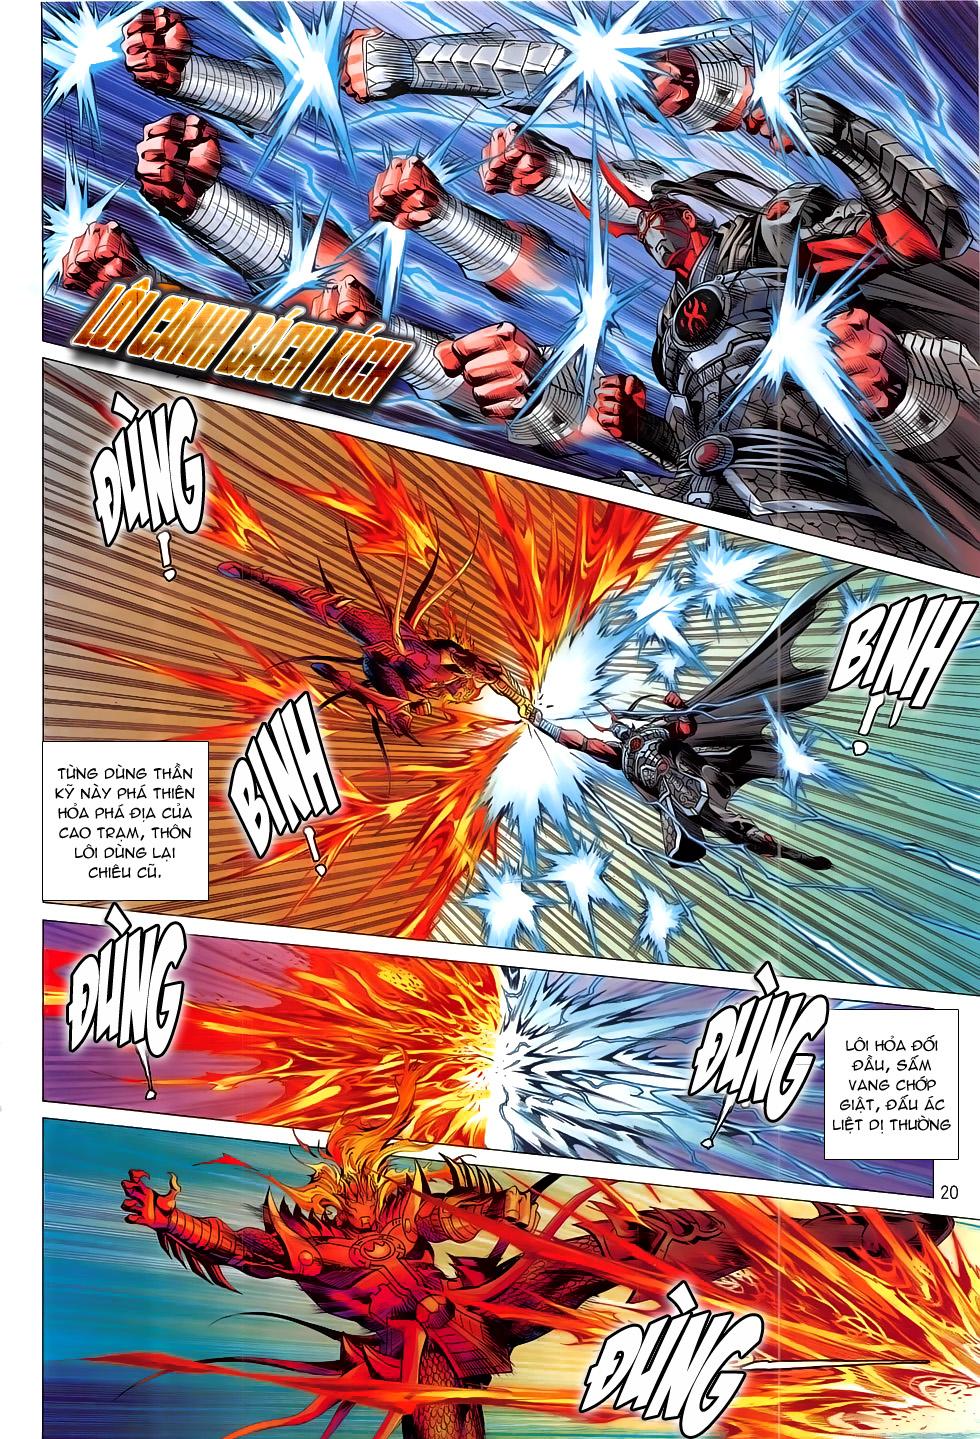 Chiến Phổ chapter 17: chiến thần phẫn nộ trang 20